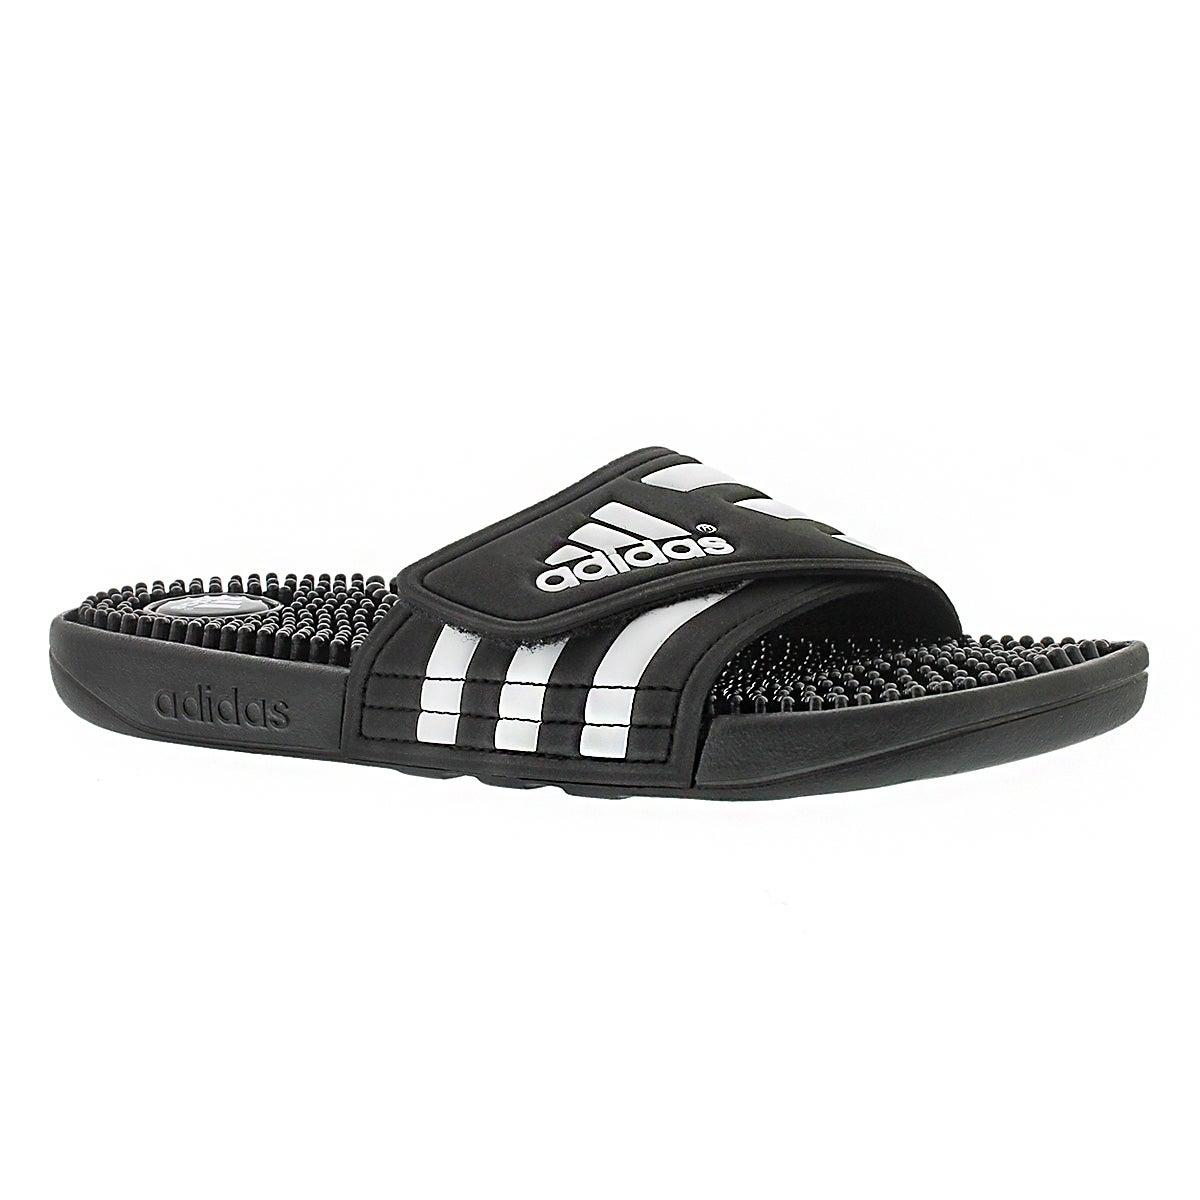 Lds Adissage black/white slide sandal